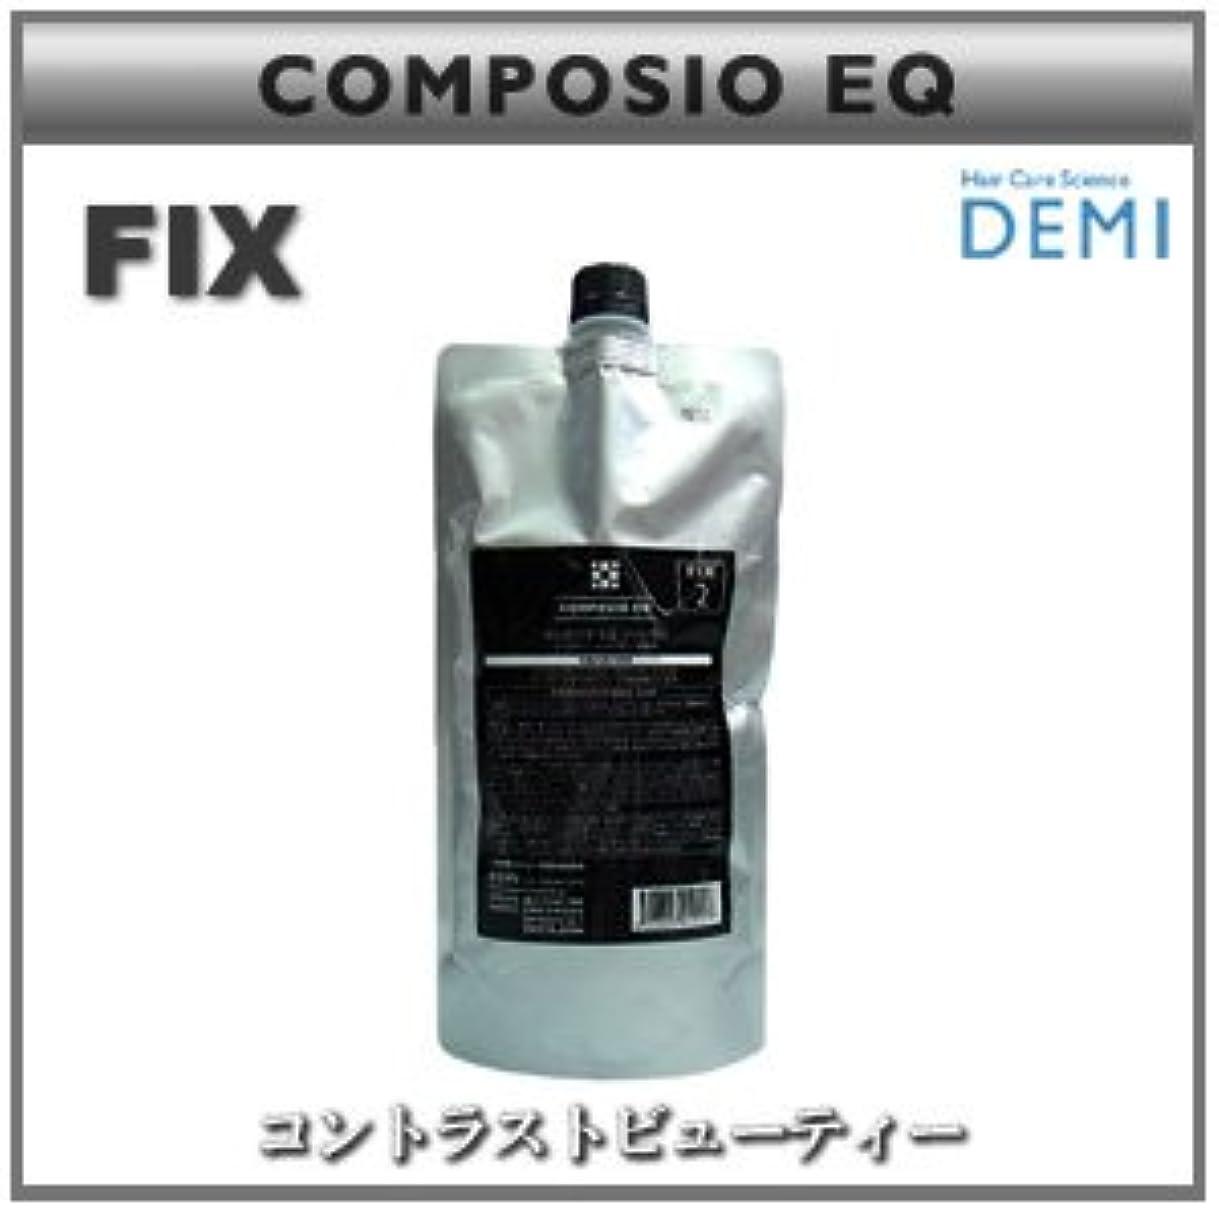 はっきりしない雑草ペルー【X5個セット】 デミ コンポジオ EQ フィックス 450g